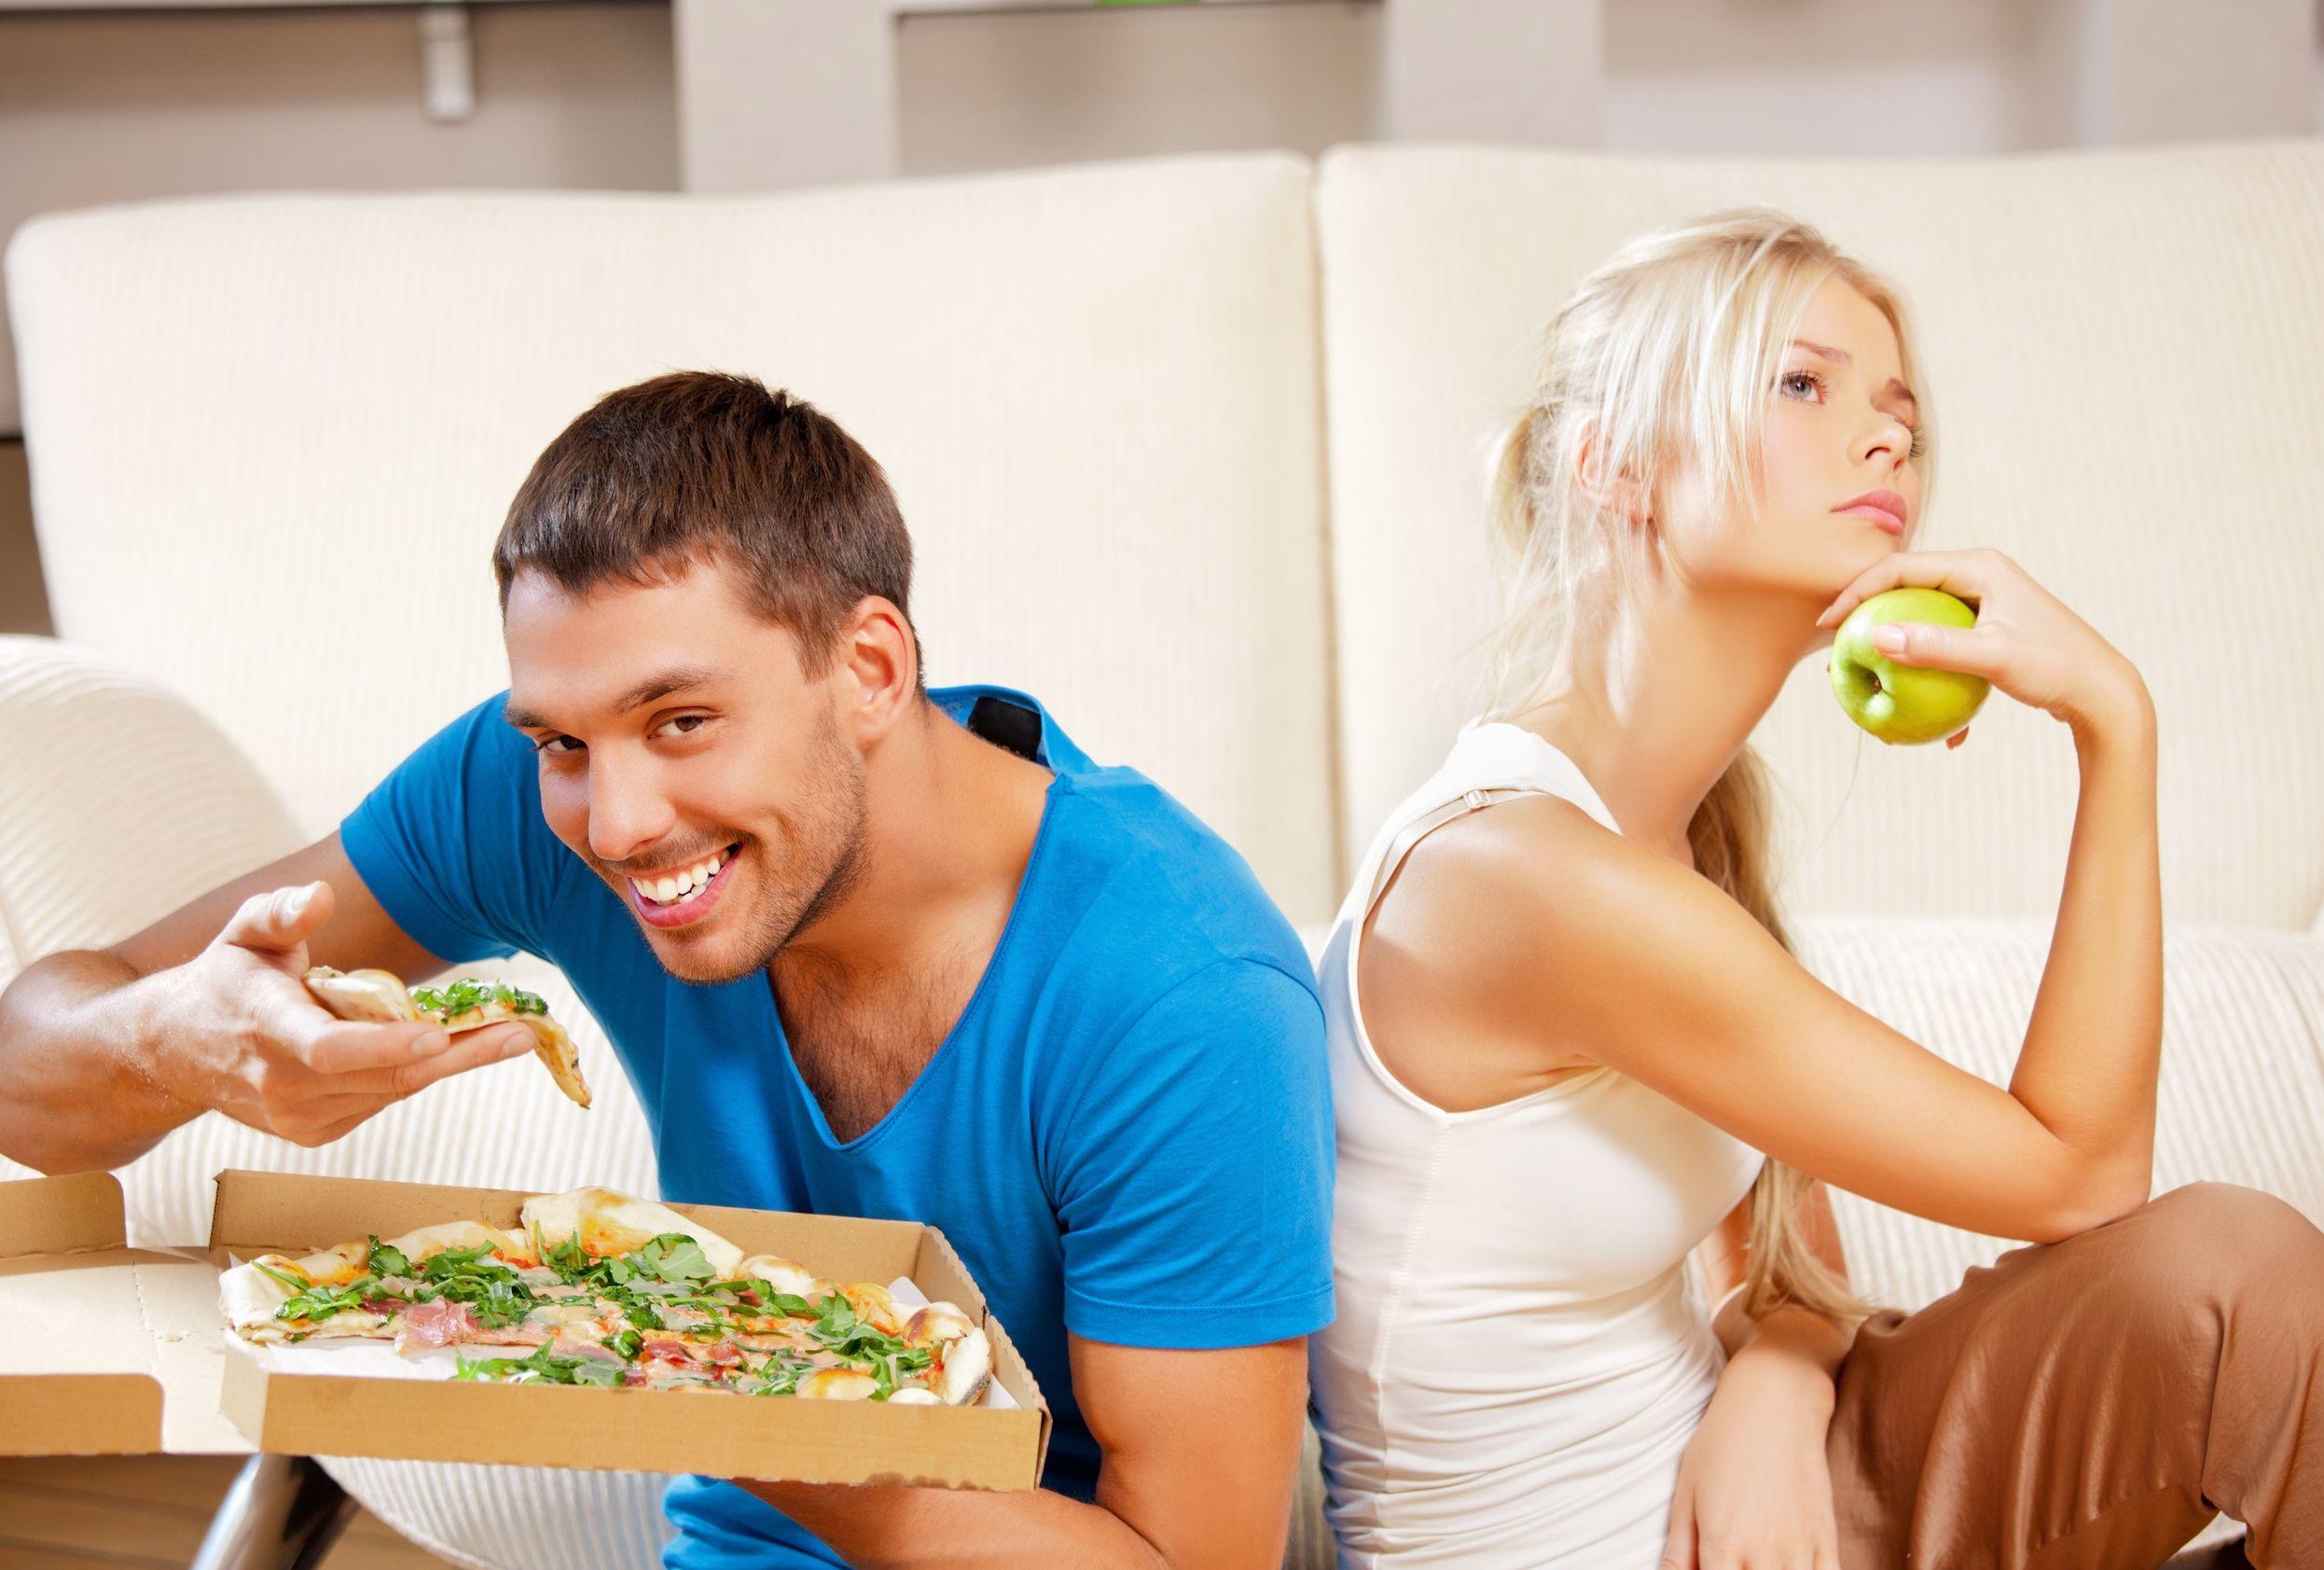 Spowolnienie metabolizmu czyli dlaczego ktoś chudnie więcej?